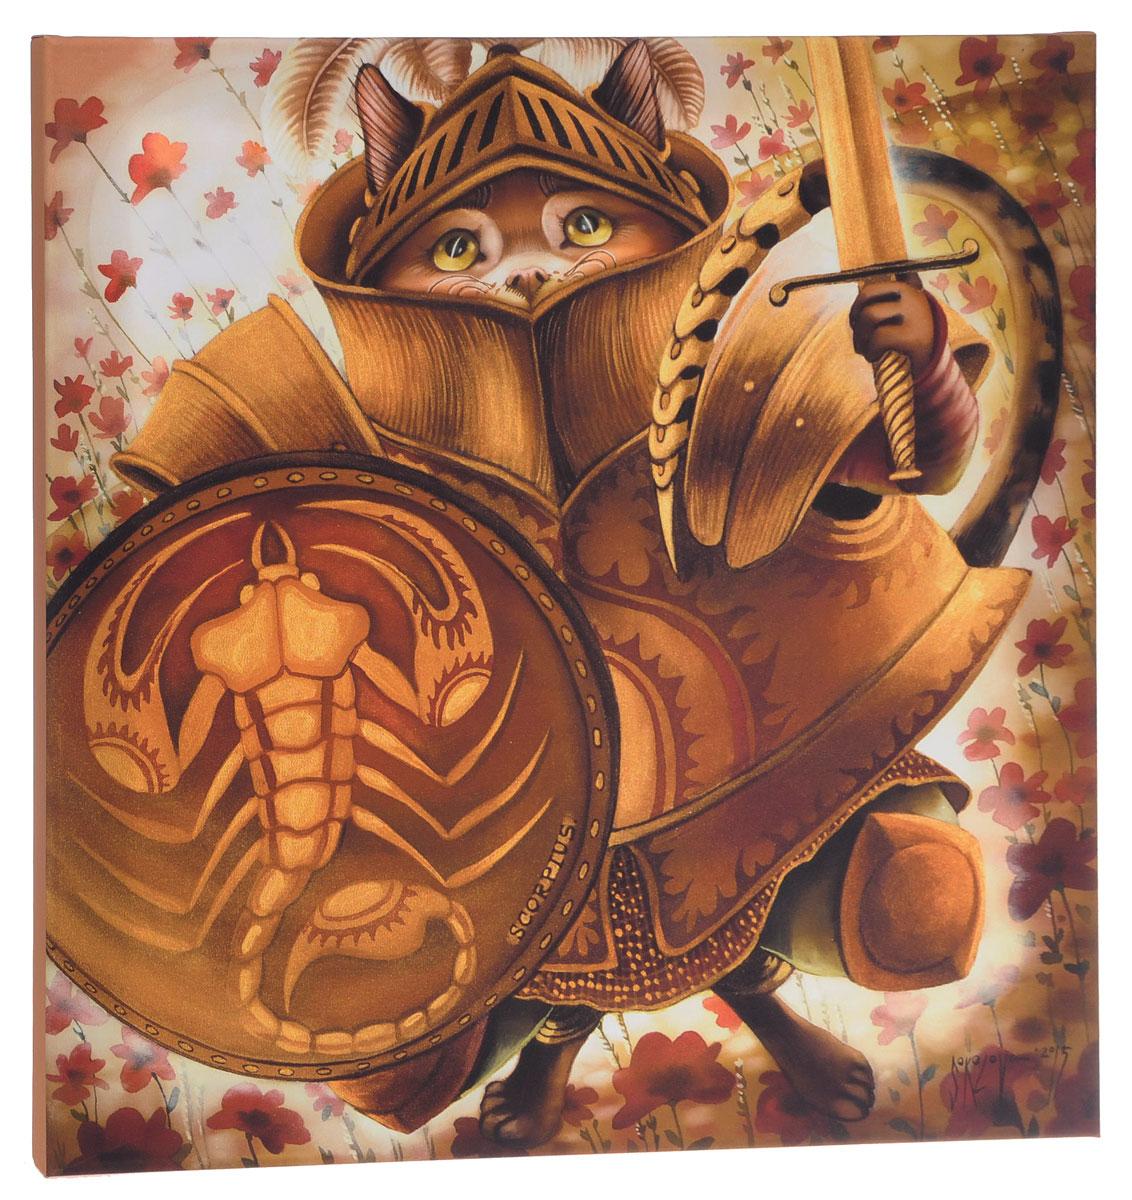 КвикДекор Картина детская СкорпионRG-D31SКартина КвикДекор Скорпион художника Надежды Соколовой дополнит обстановку интерьера нежными красками и необычным оформлением.Изделие представляет собой картину с латексной печатью на натуральном хлопчатобумажном холсте. Галерейная натяжка на деревянный подрамник выполнена очень аккуратно, а боковые части картины запечатаны тоновой заливкой. Обратная сторона подрамника содержит отверстие, благодаря которому картину можно легко закрепить на стене и подкорректировать ее положение.Надежда Соколова родилась в 1973 году в городе Дрездене. В 1986-90 годах училась в Художественной школе города Новгорода. В 1995 году окончила с отличием рекламное отделение Новгородского училища культуры. В 2000 году защитила диплом на факультете Искусств и Технологий НовГУ имени Ярослава Мудрого. Выставляется с 1996 года. Работает в техниках: живопись, графика, батик, лаковая миниатюра, авторская кукла. Является автором оригинального стиля в миниатюре.Картина КвикДекор Скорпион - та деталь, которая придает дому обжитой вид и создает ощущение уюта.